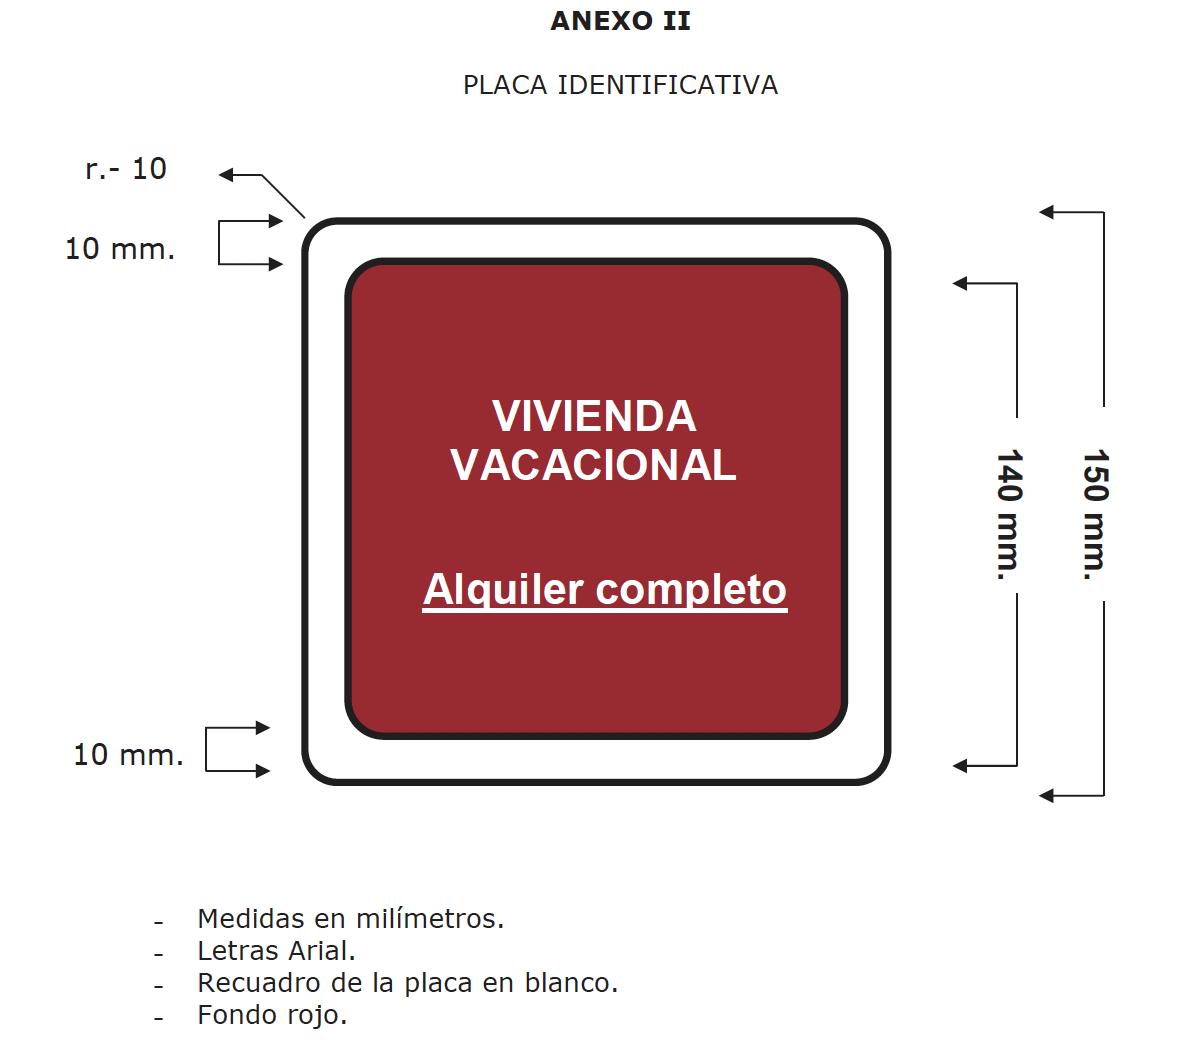 Vivienda vacacional · Alquiler completo